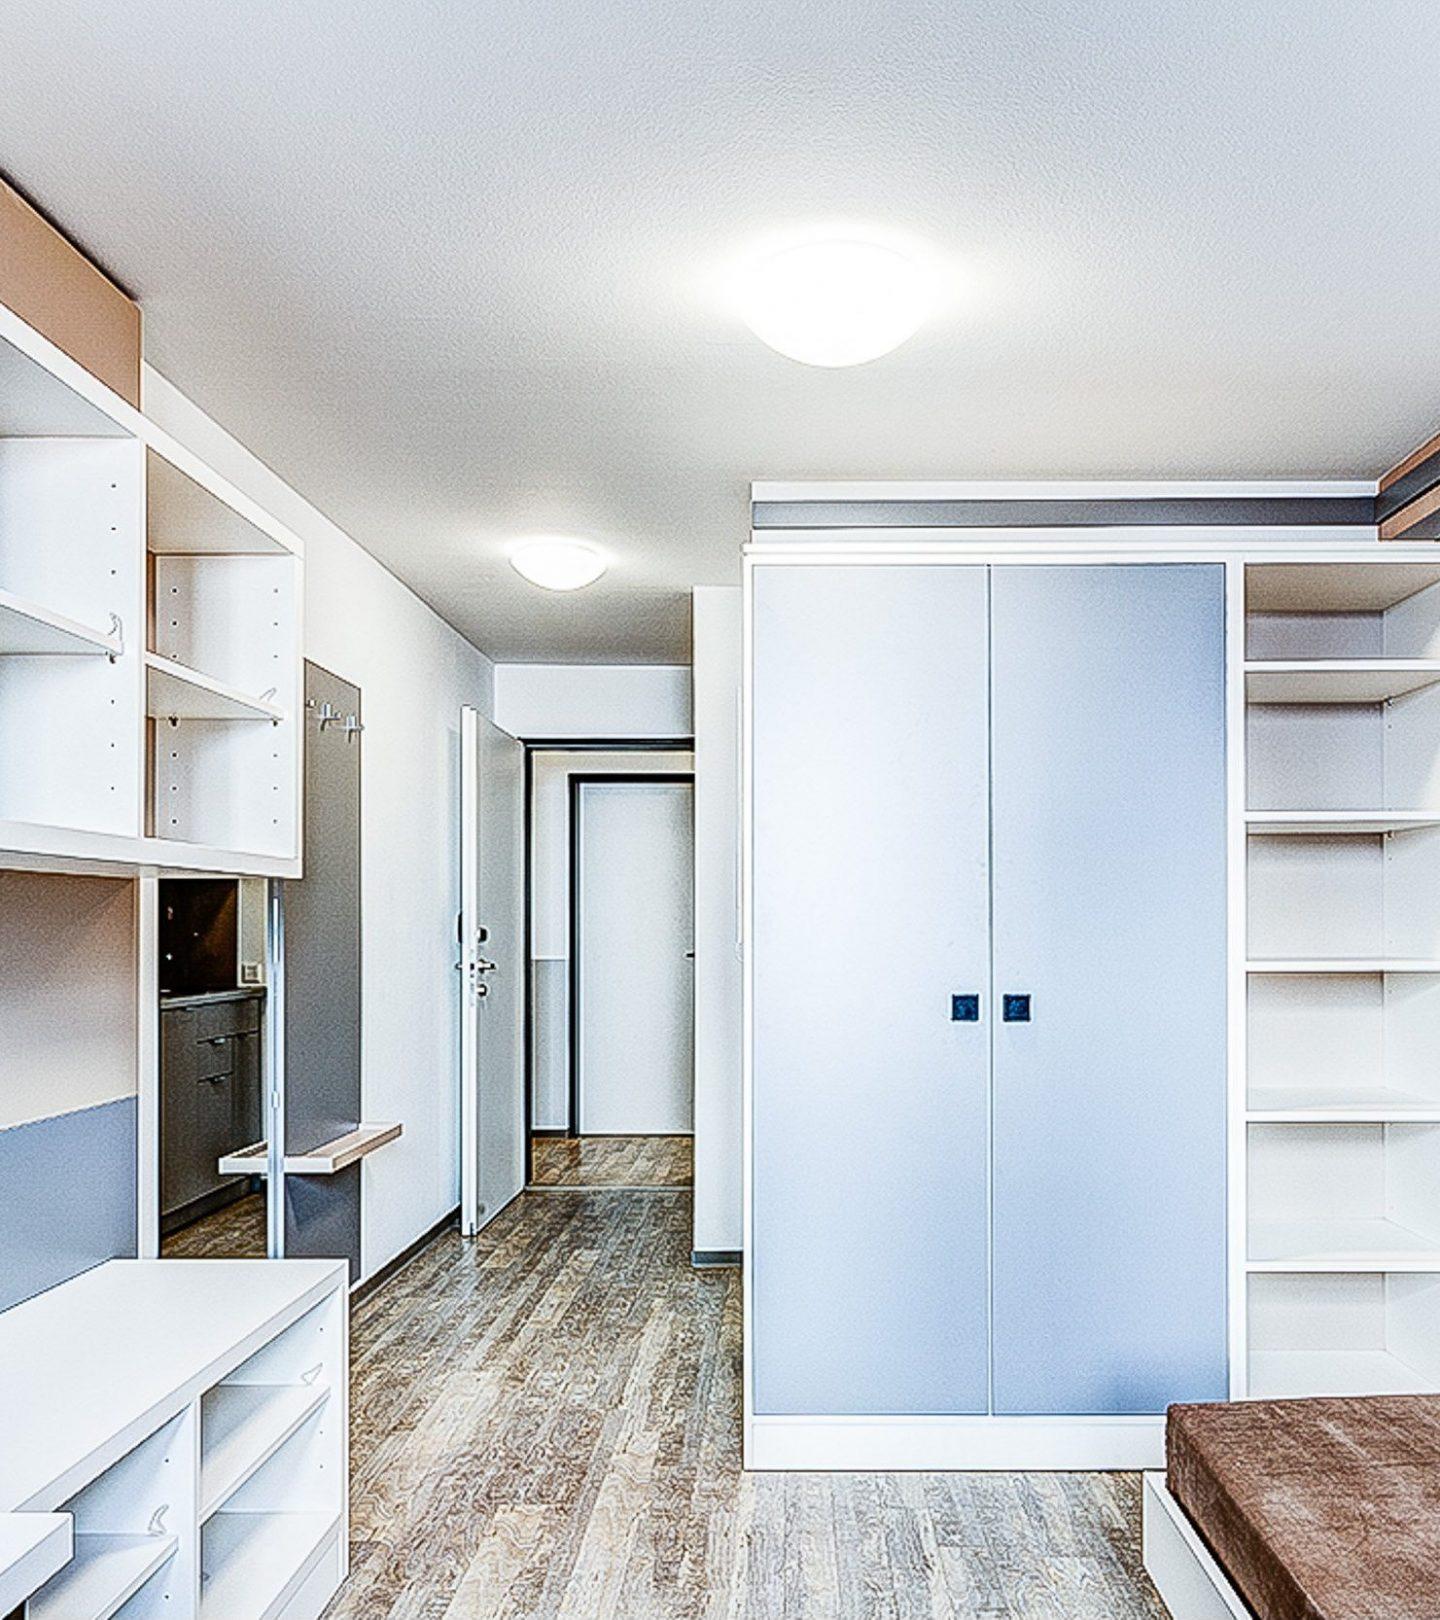 Studieren Wohnen - Wohnraum